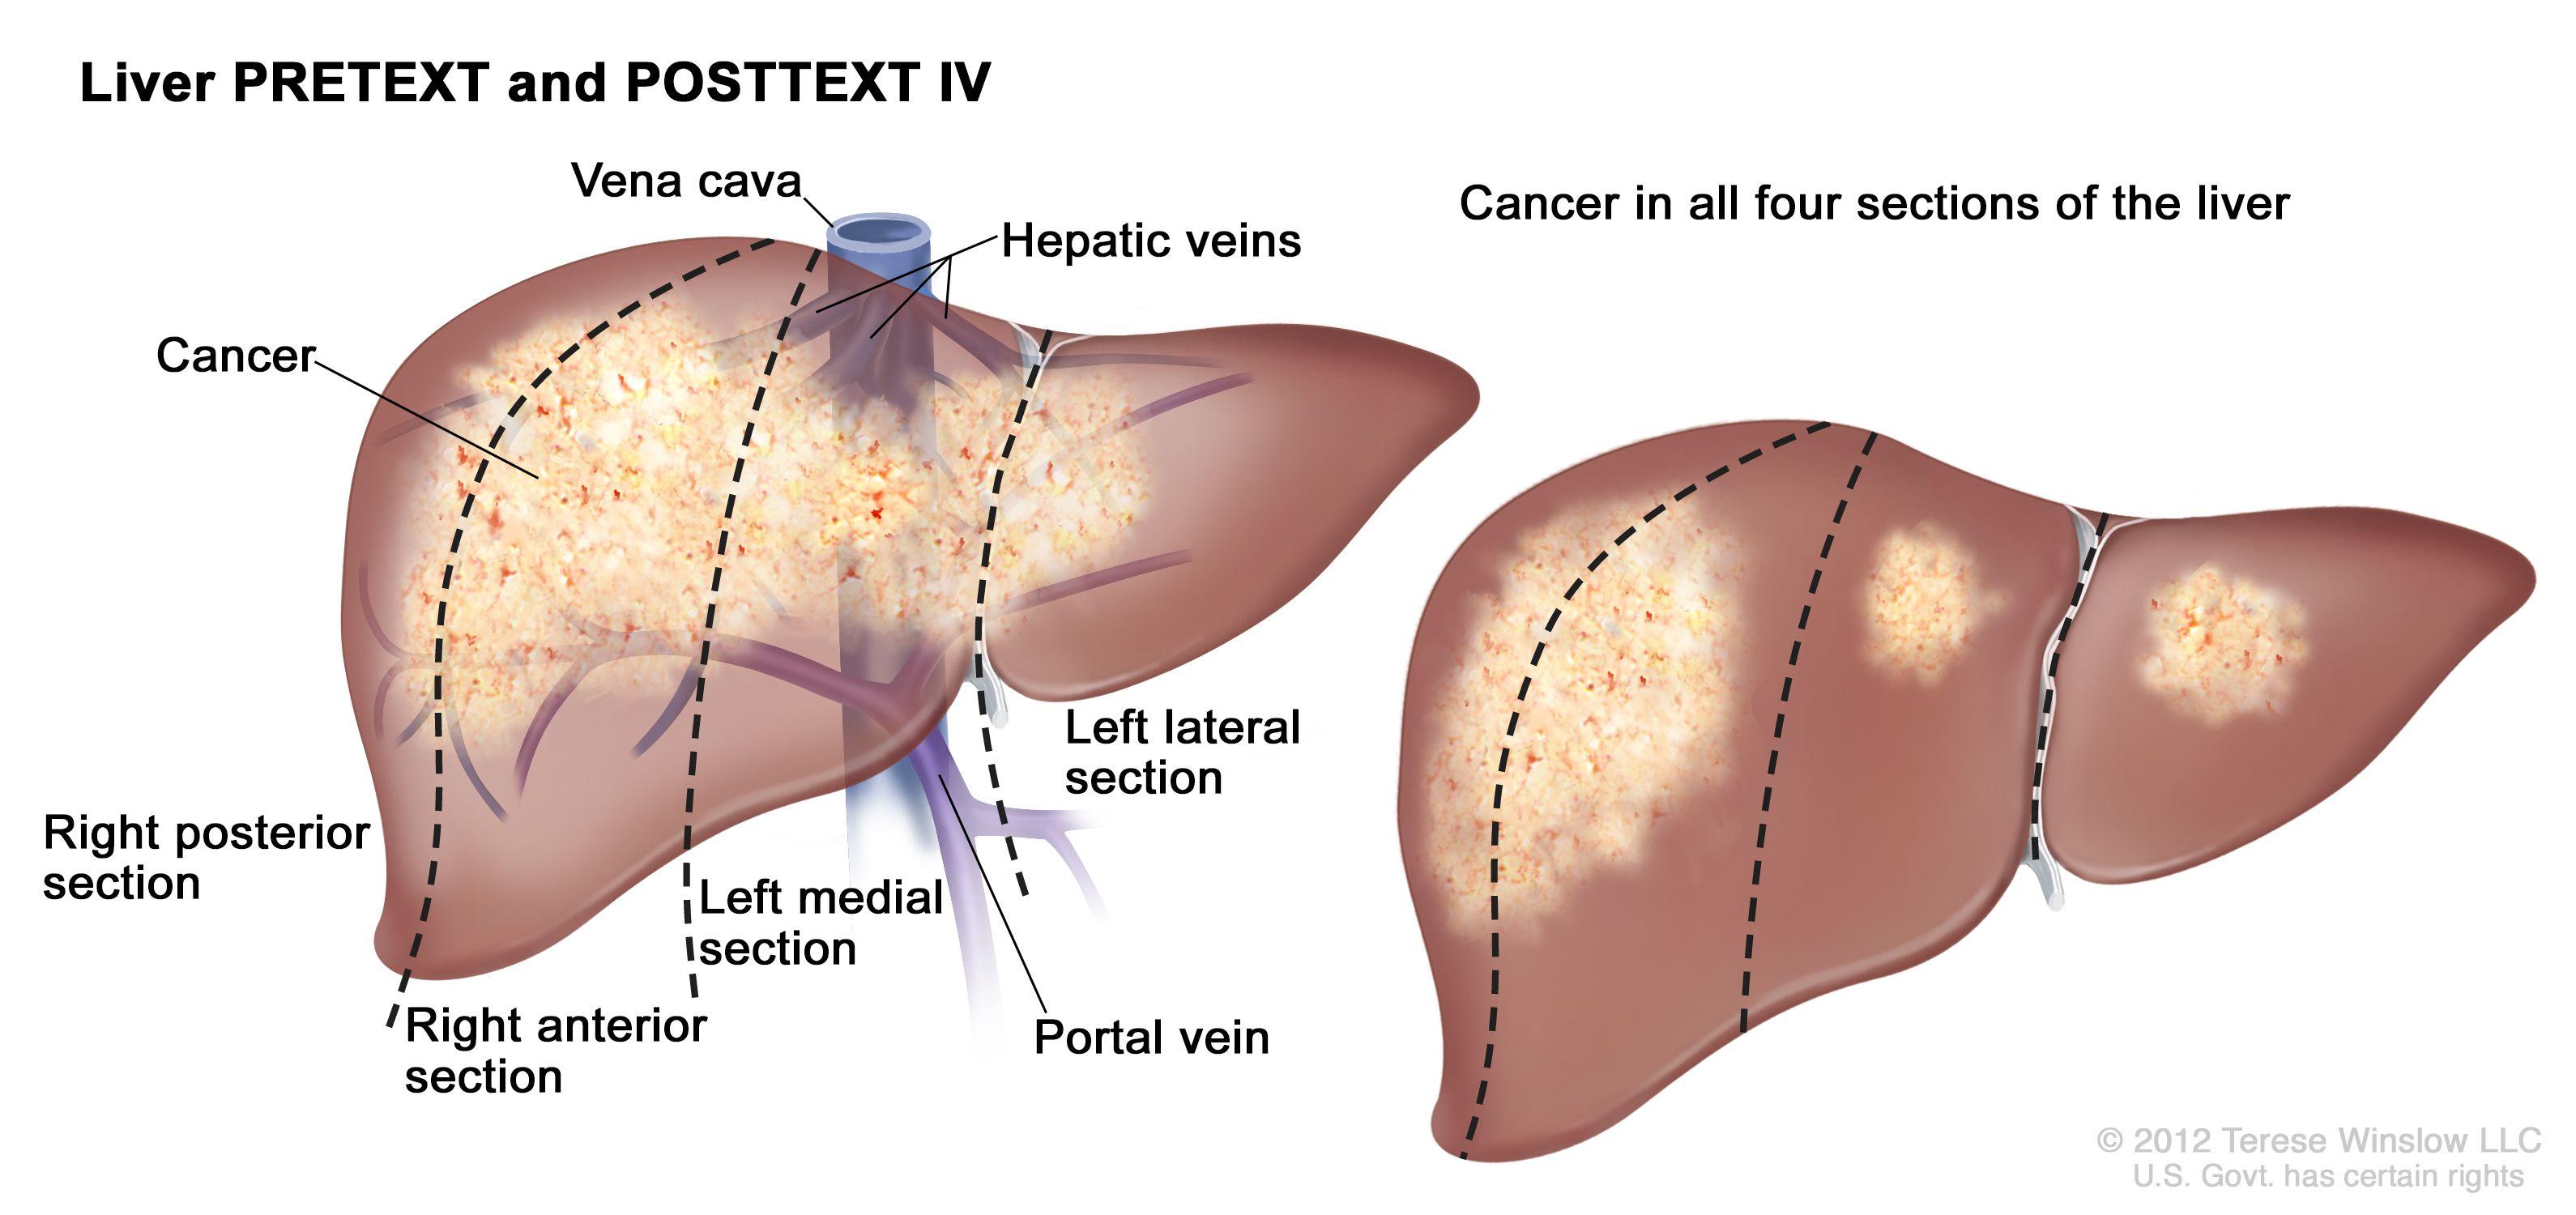 肝のPRETEXT IV期;図は2つの肝を示す。点線は各肝をほぼ同一サイズの4区域に縦分割している。1つ目の肝では、がんが4つの区域すべてにわたって示されている。2つ目の肝では、がんが左の2つの区域に示され、がんのスポットが右の2つの区域に示されている。